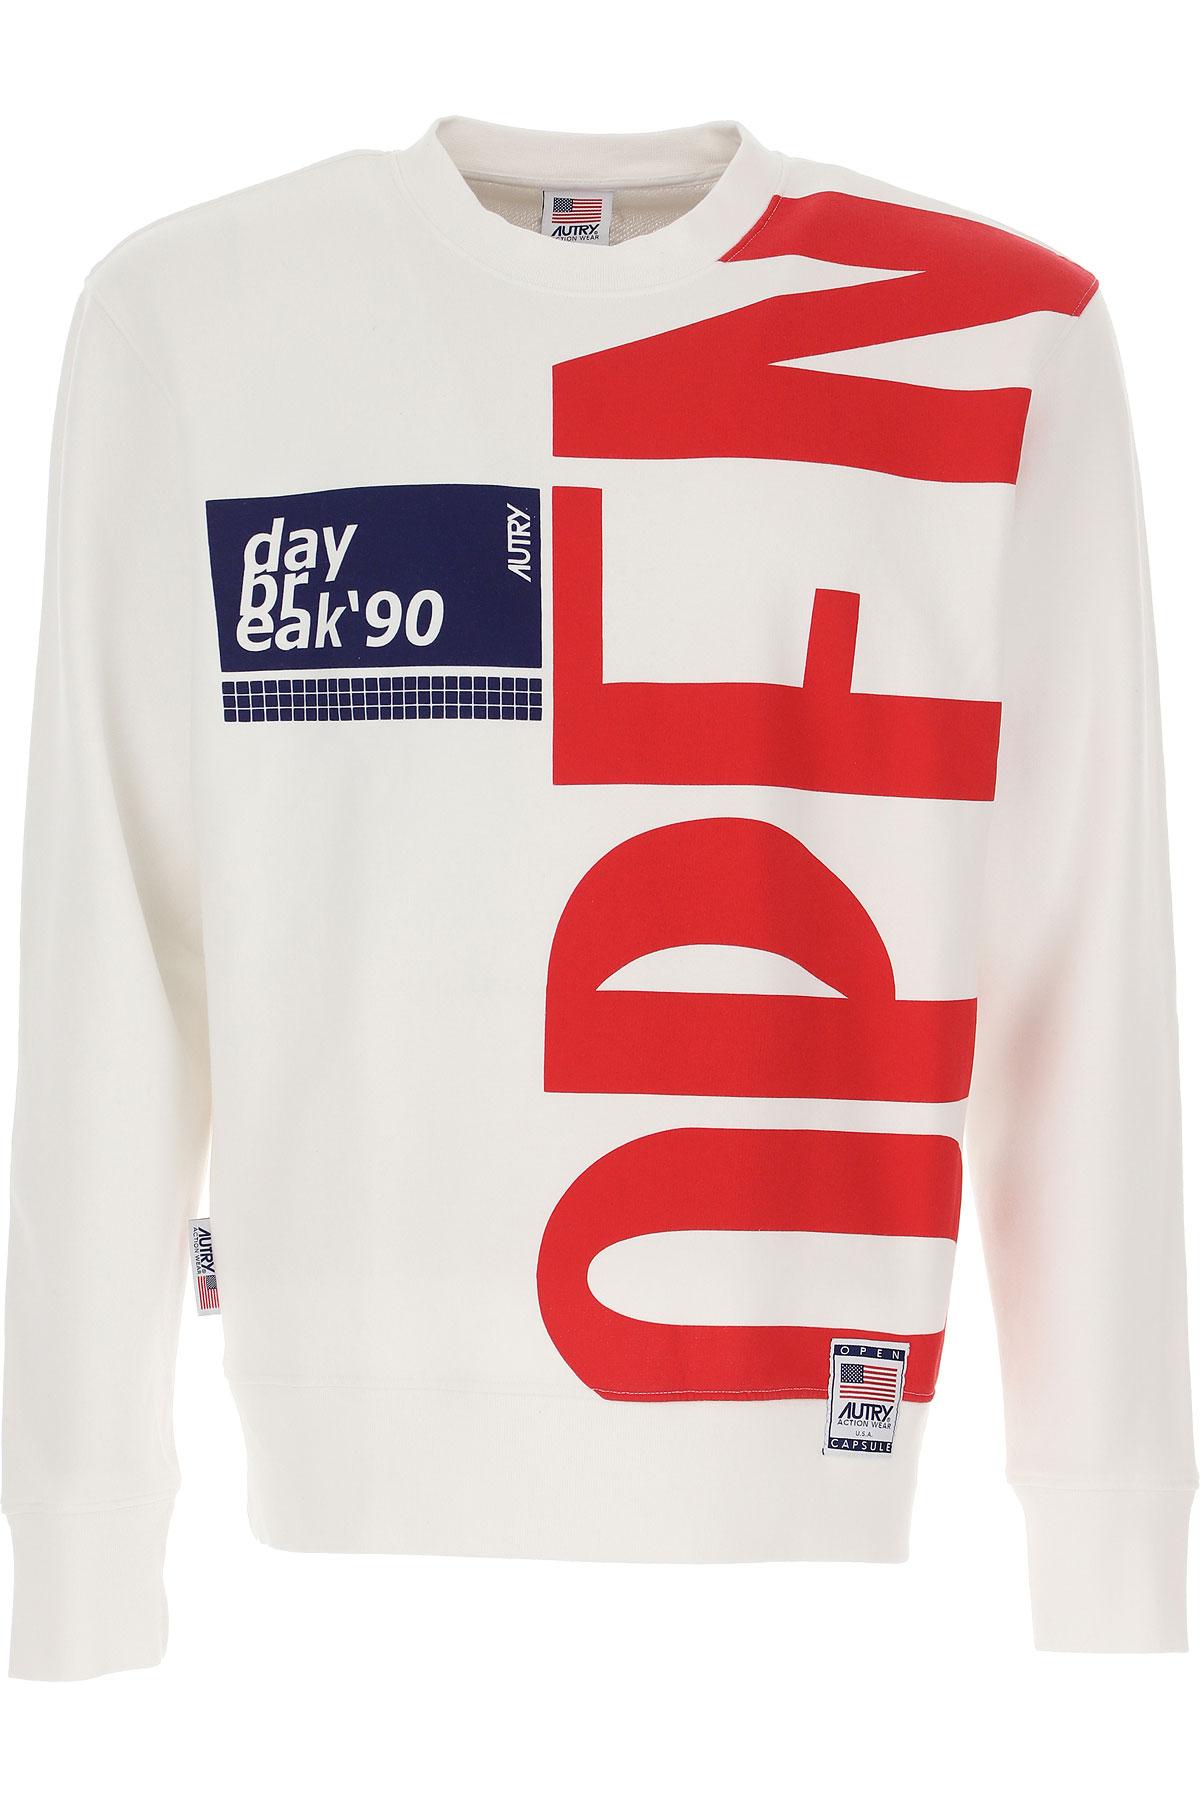 Autry Sweatshirt for Men, White, Cotton, 2019, L XL